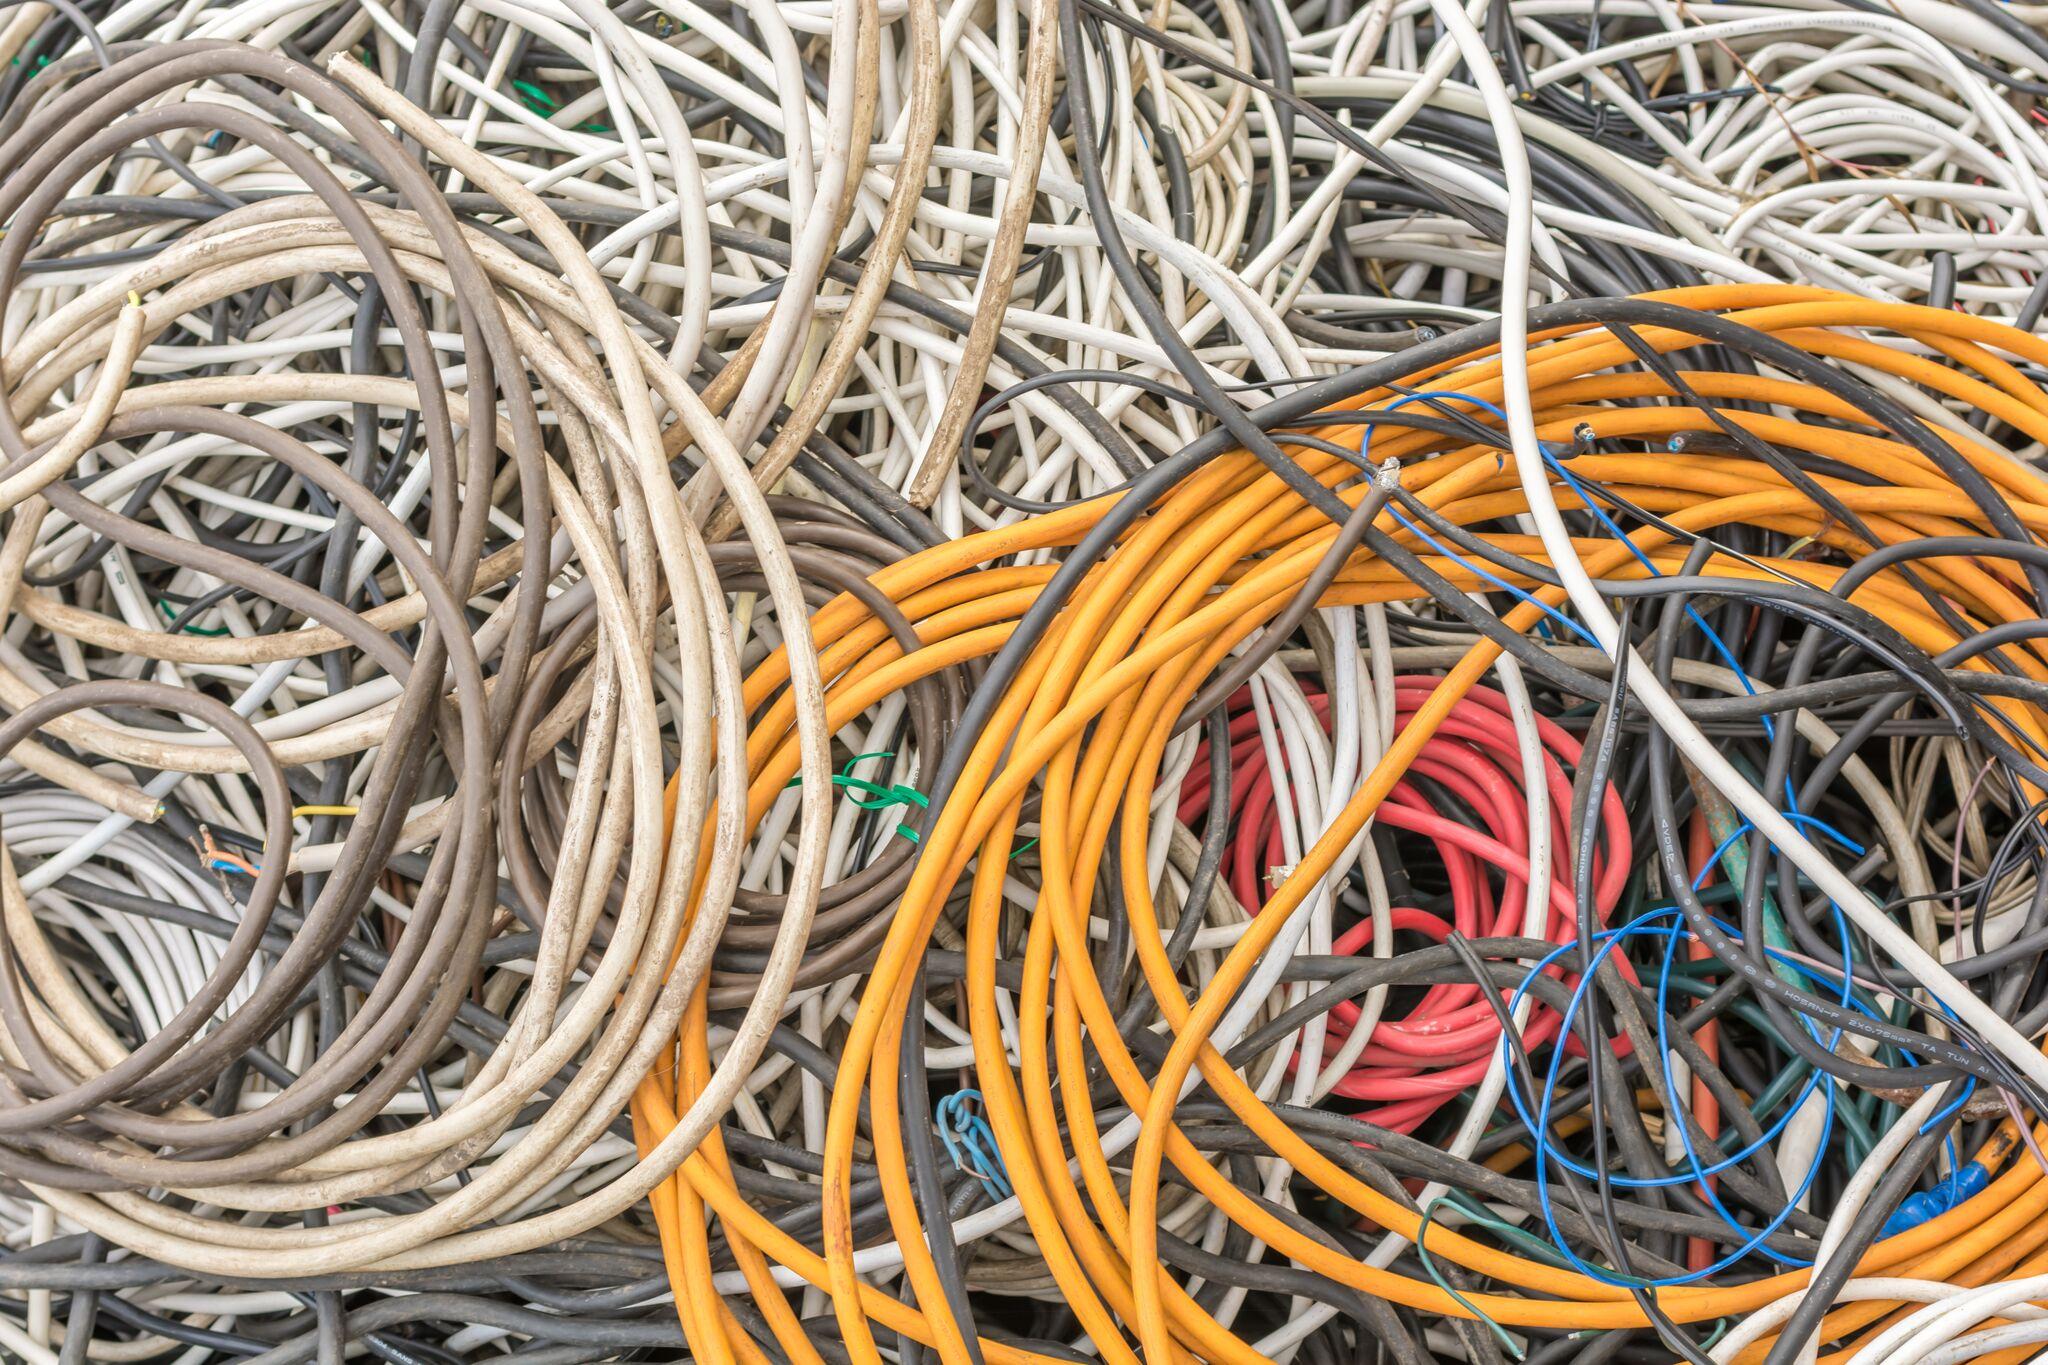 Sammenrullede elektriske kabler